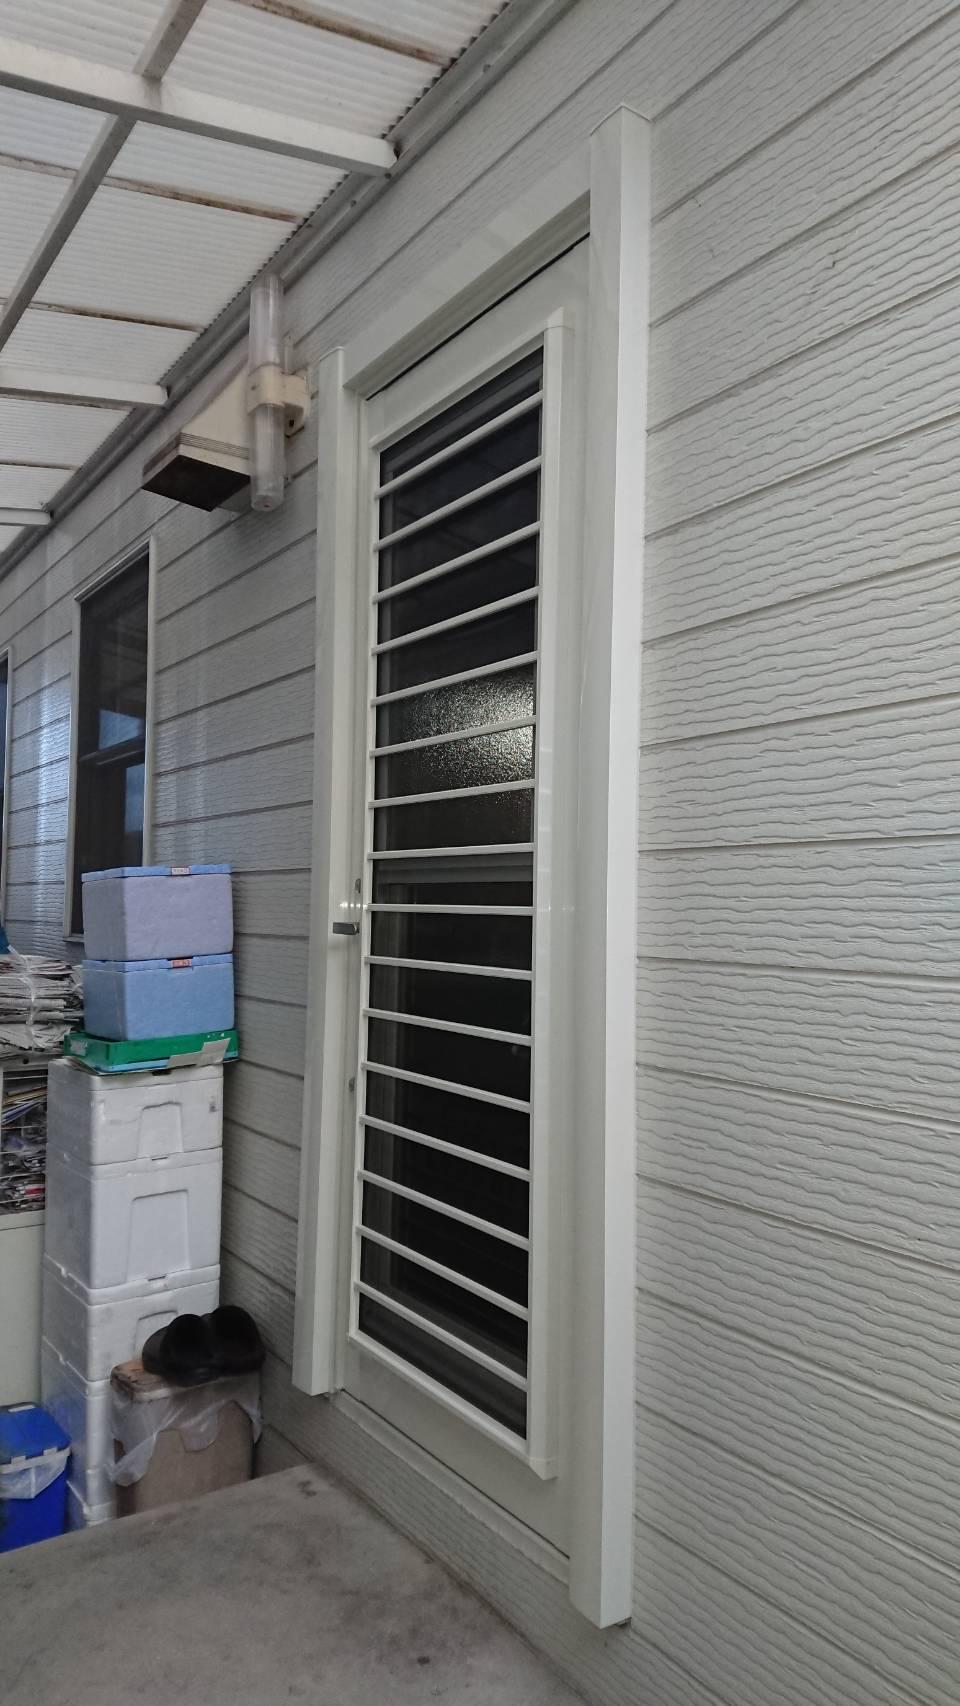 シーエス建材トーヨー住器の生活向上 勝手口交換 リシェント 岡山市の施工事例写真